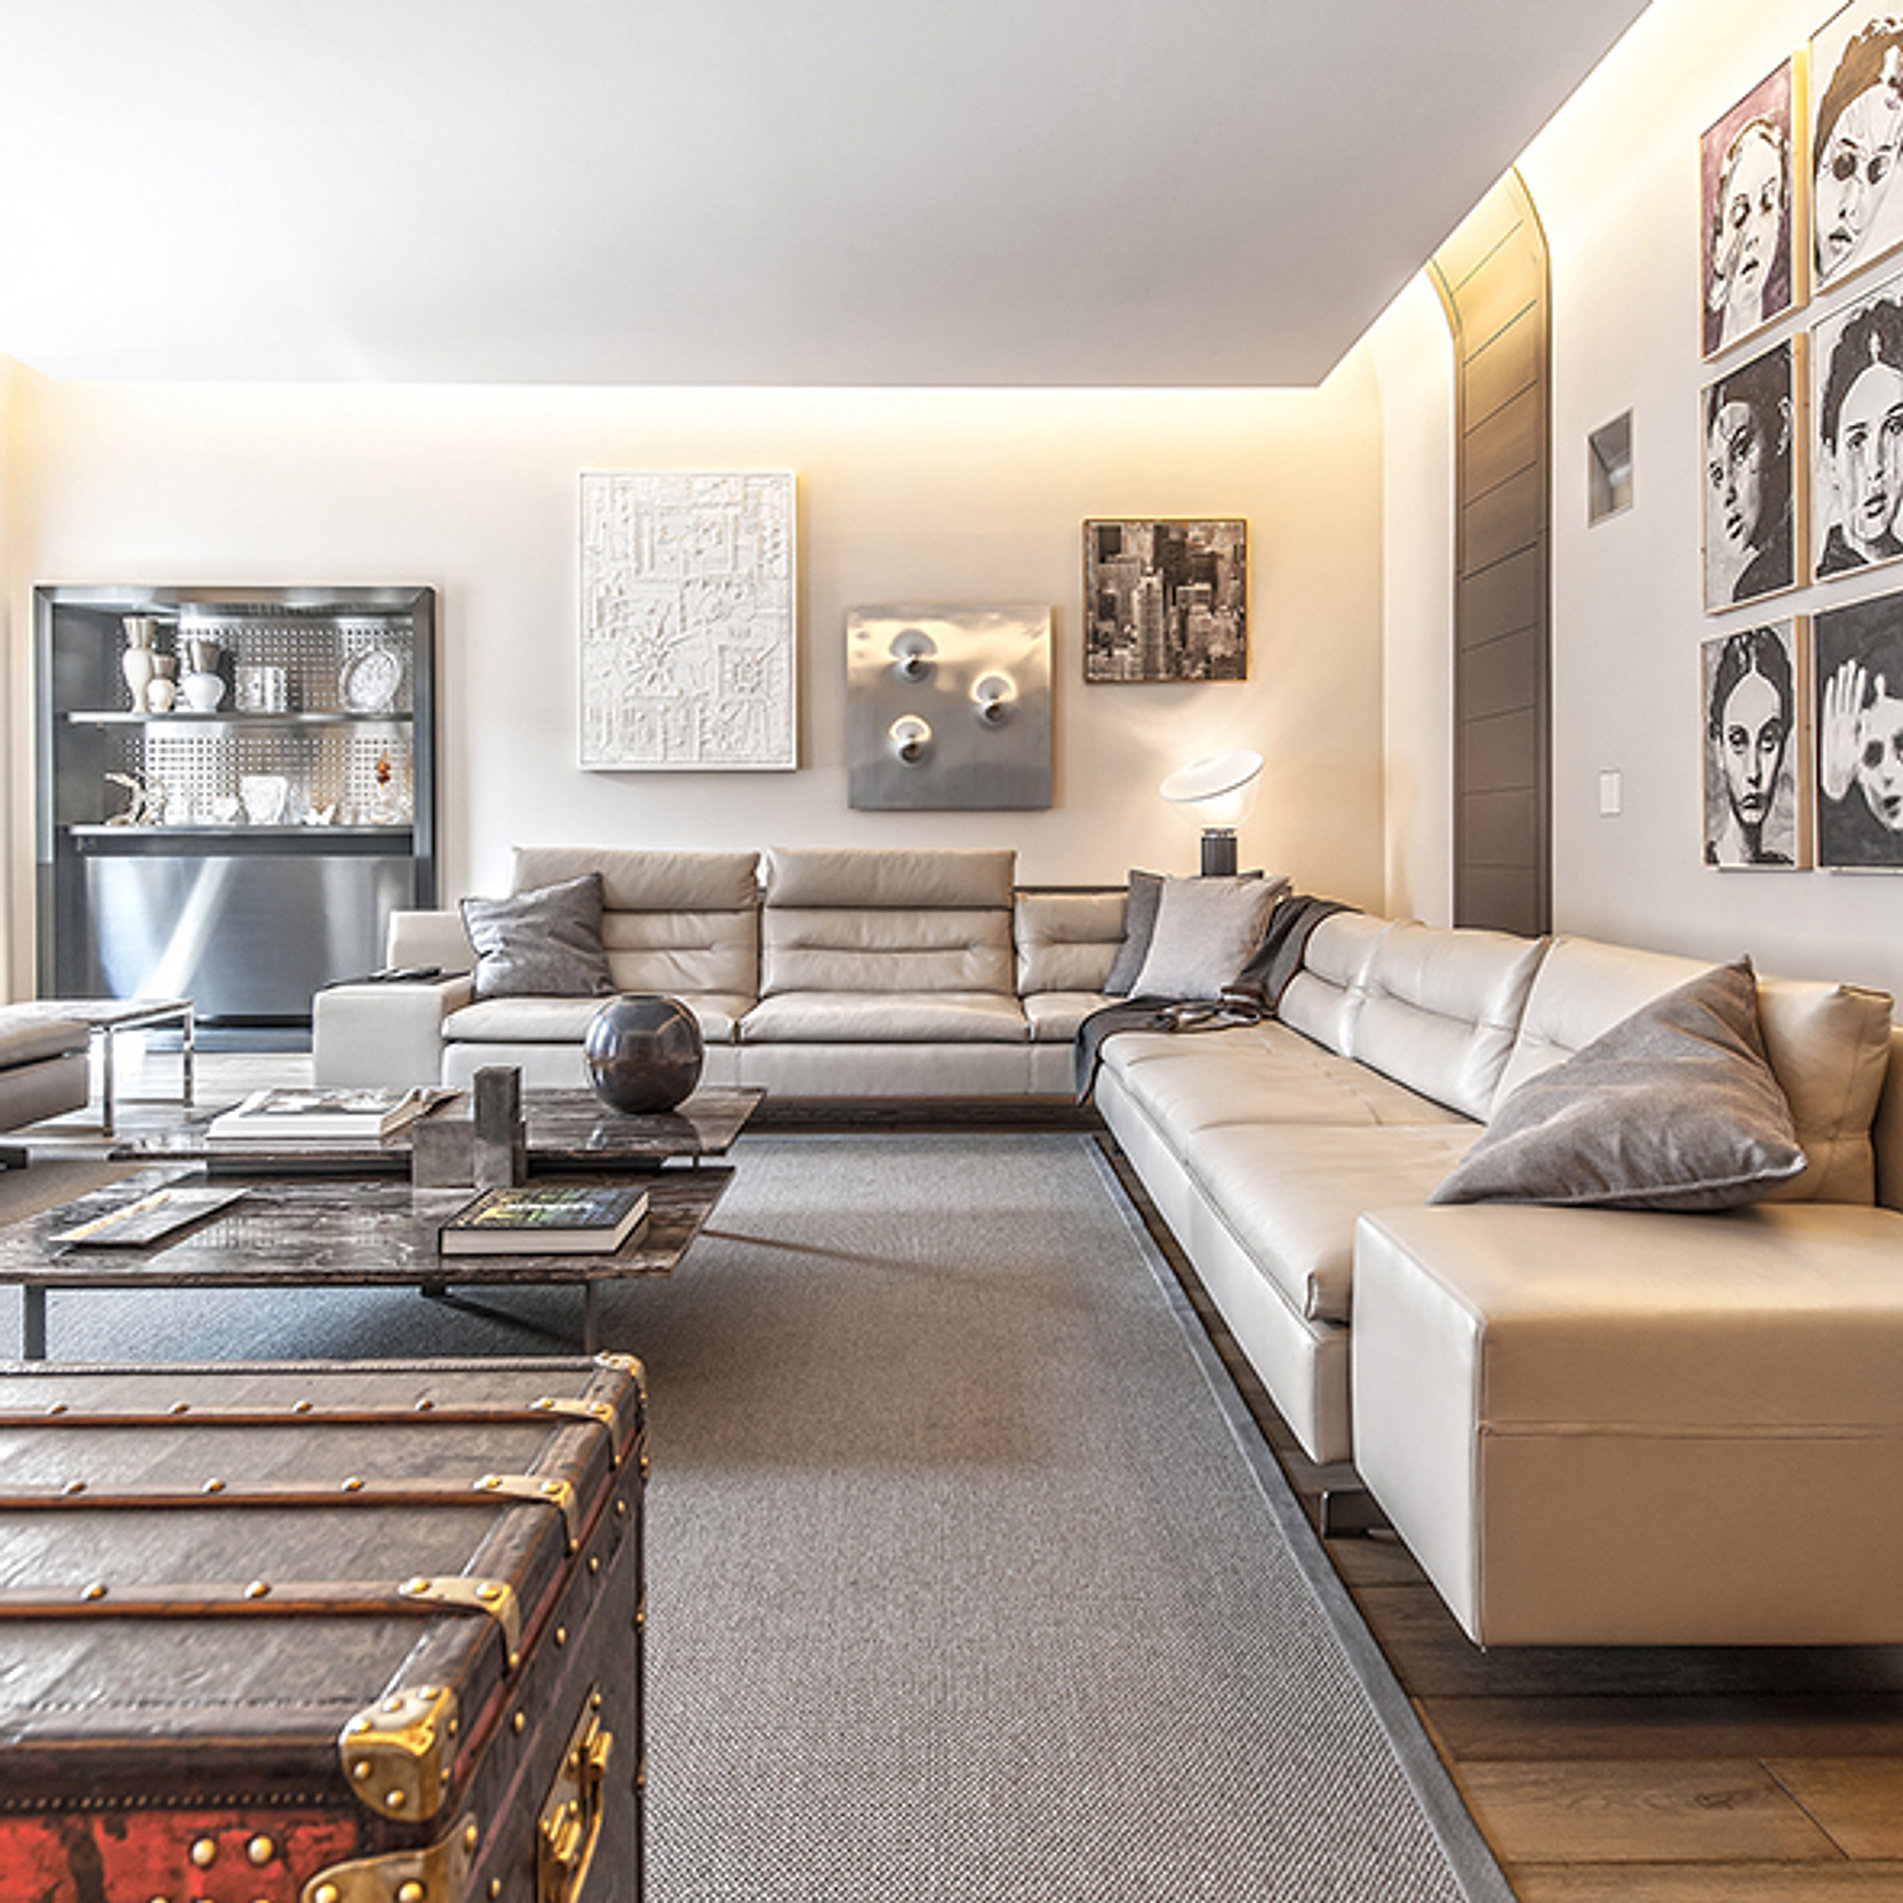 brando concept - Arredamento Interior Design